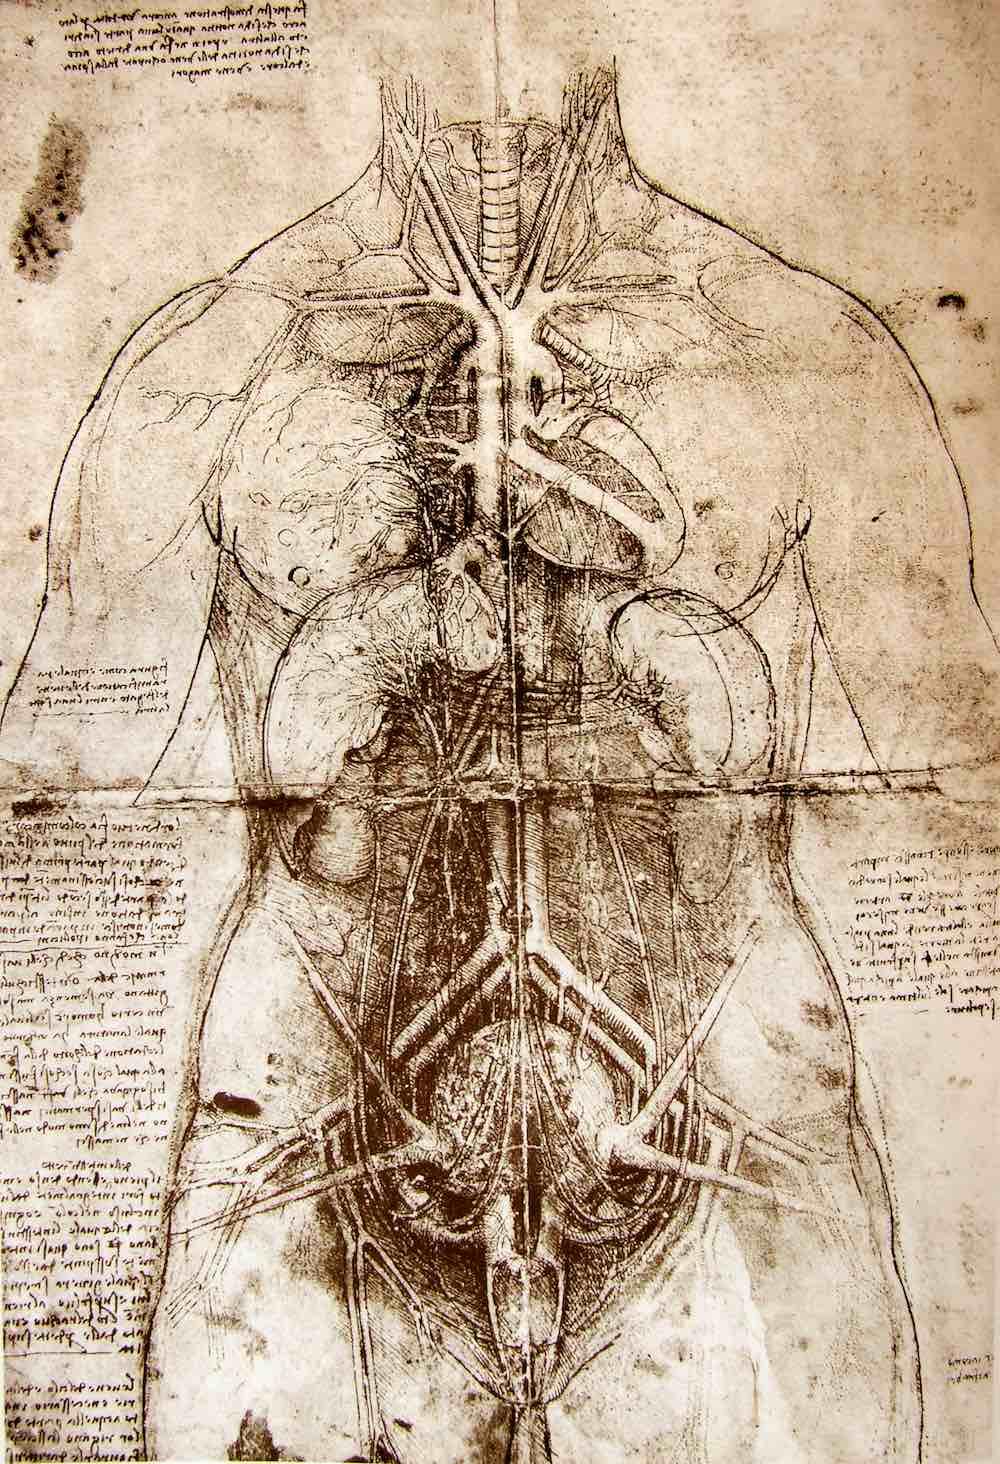 Uomo Vitruviano: studi di Leonardo da Vinci del 1492 sul corpo umano